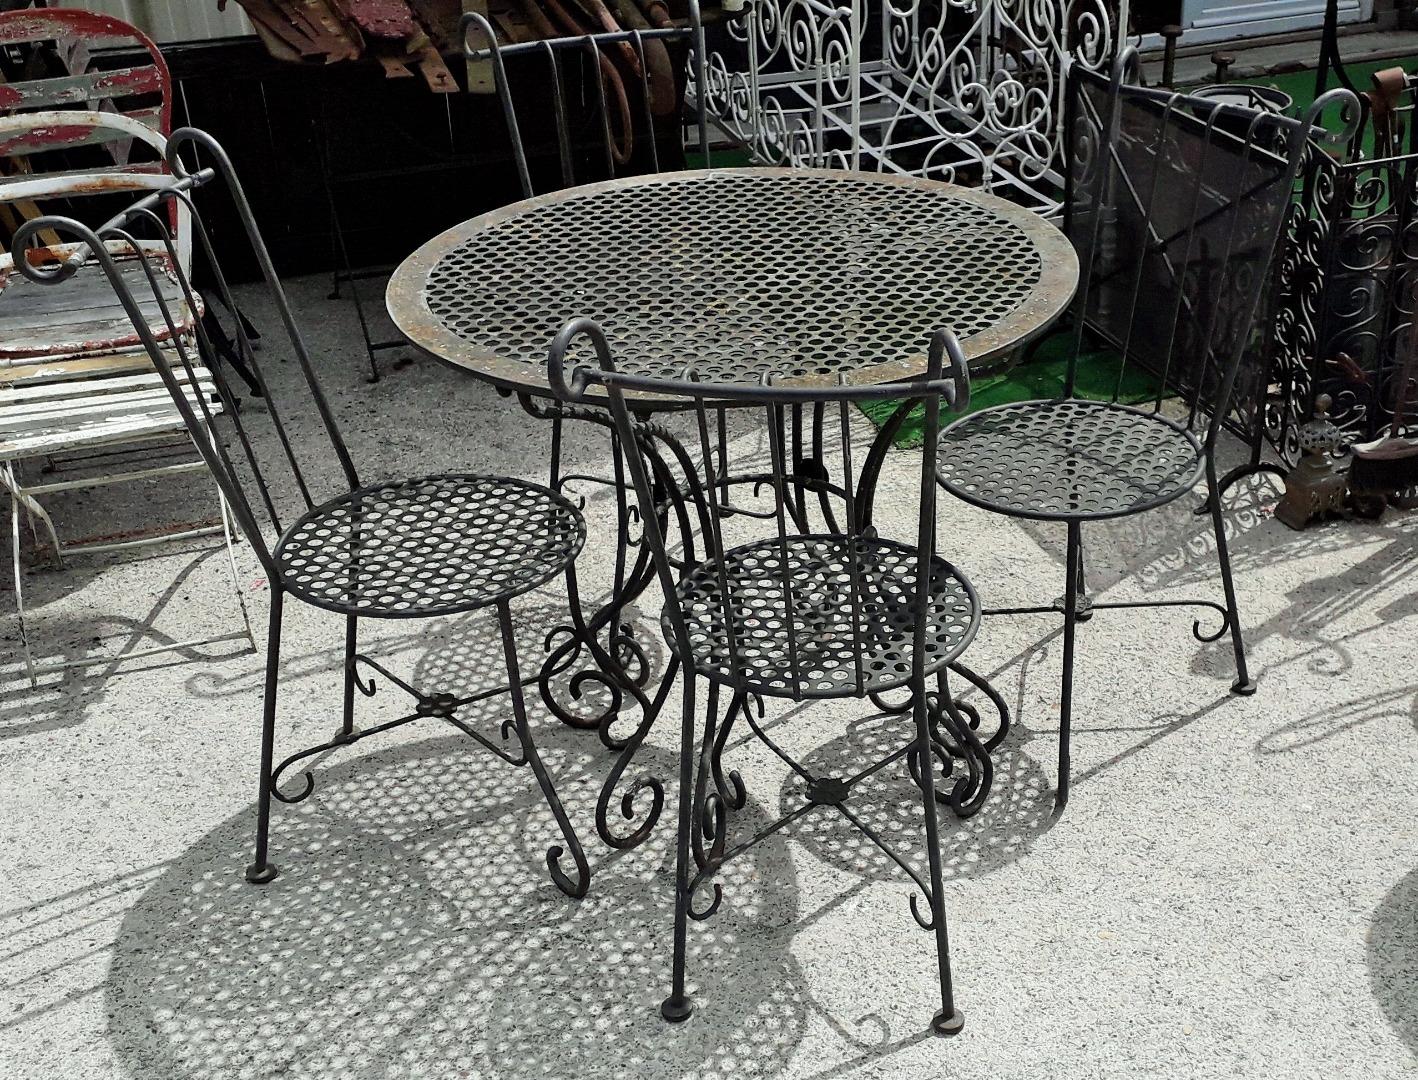 Salon de jardin en fer forgé table 4 chaises année 80